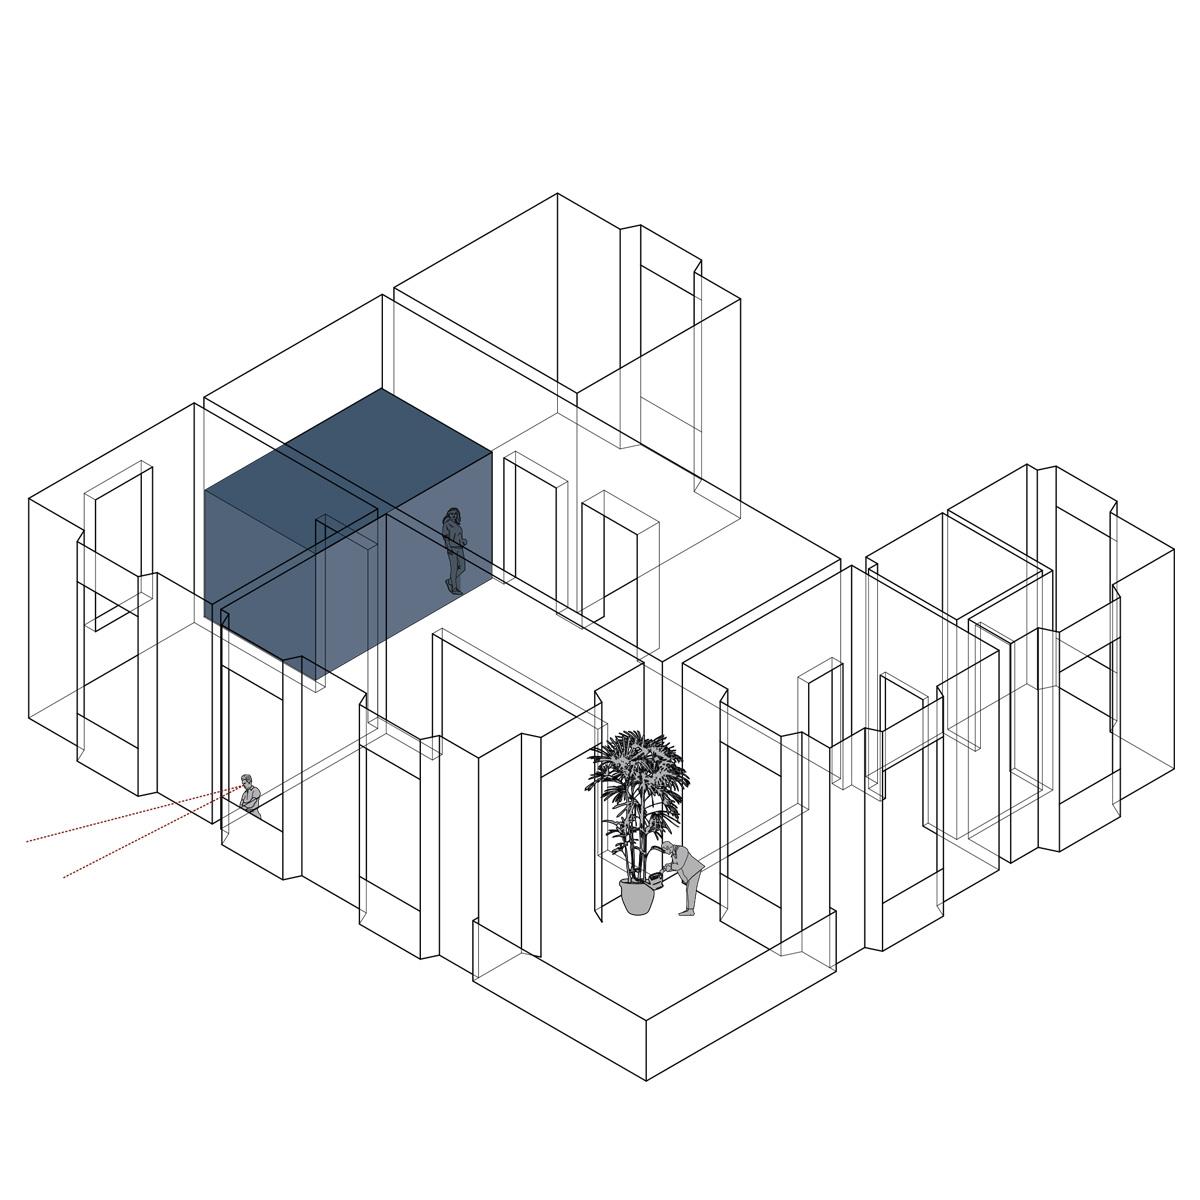 kickoffice villa n4 1 drawing axo concept diagram